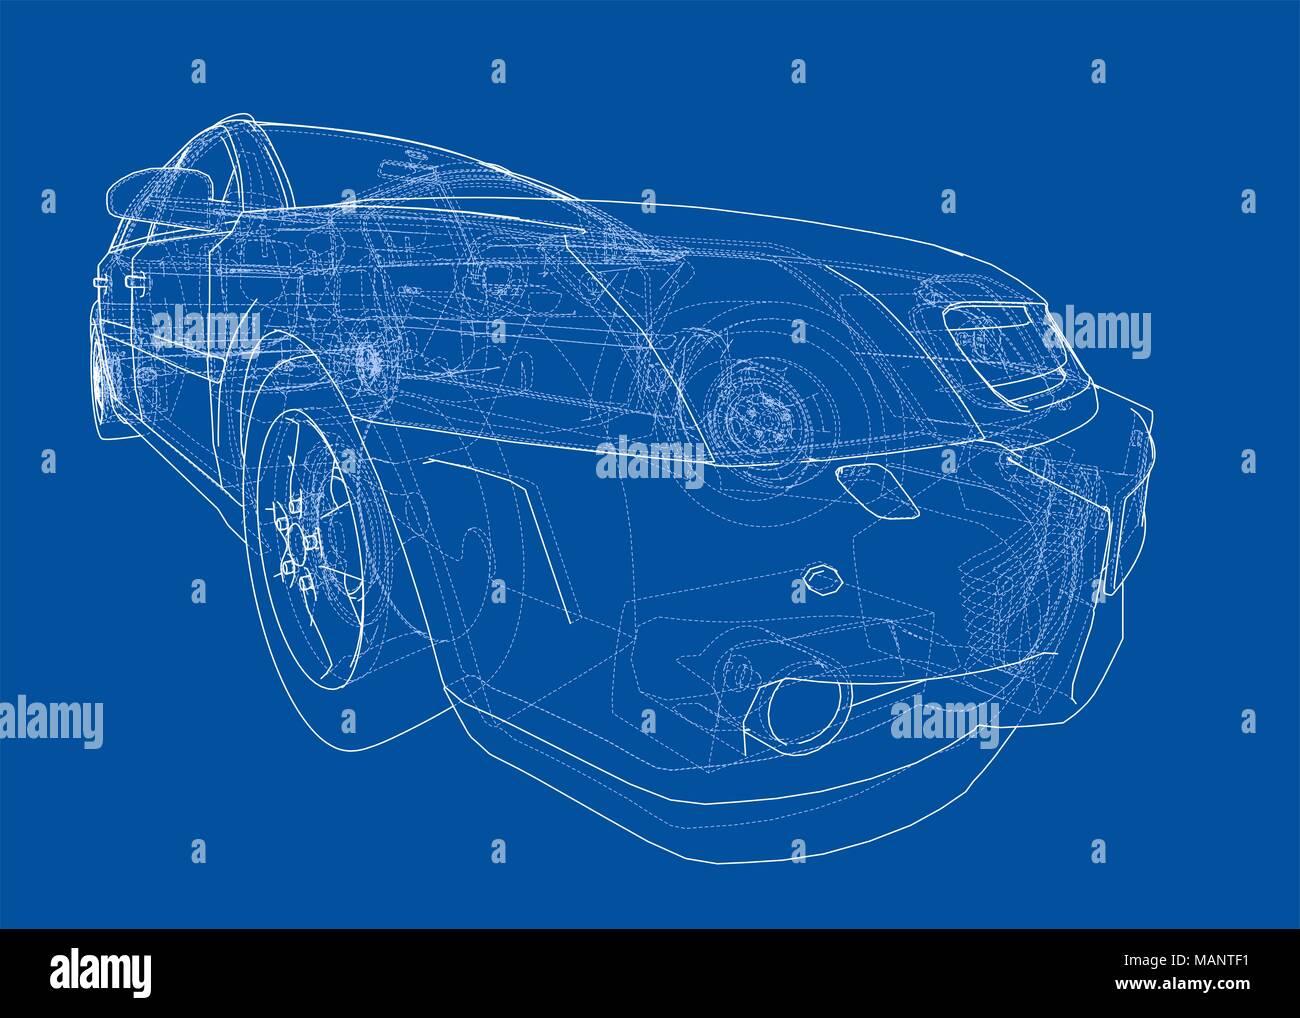 Concept car blueprint 3d illustration wire frame style stock photo concept car blueprint 3d illustration wire frame style malvernweather Images